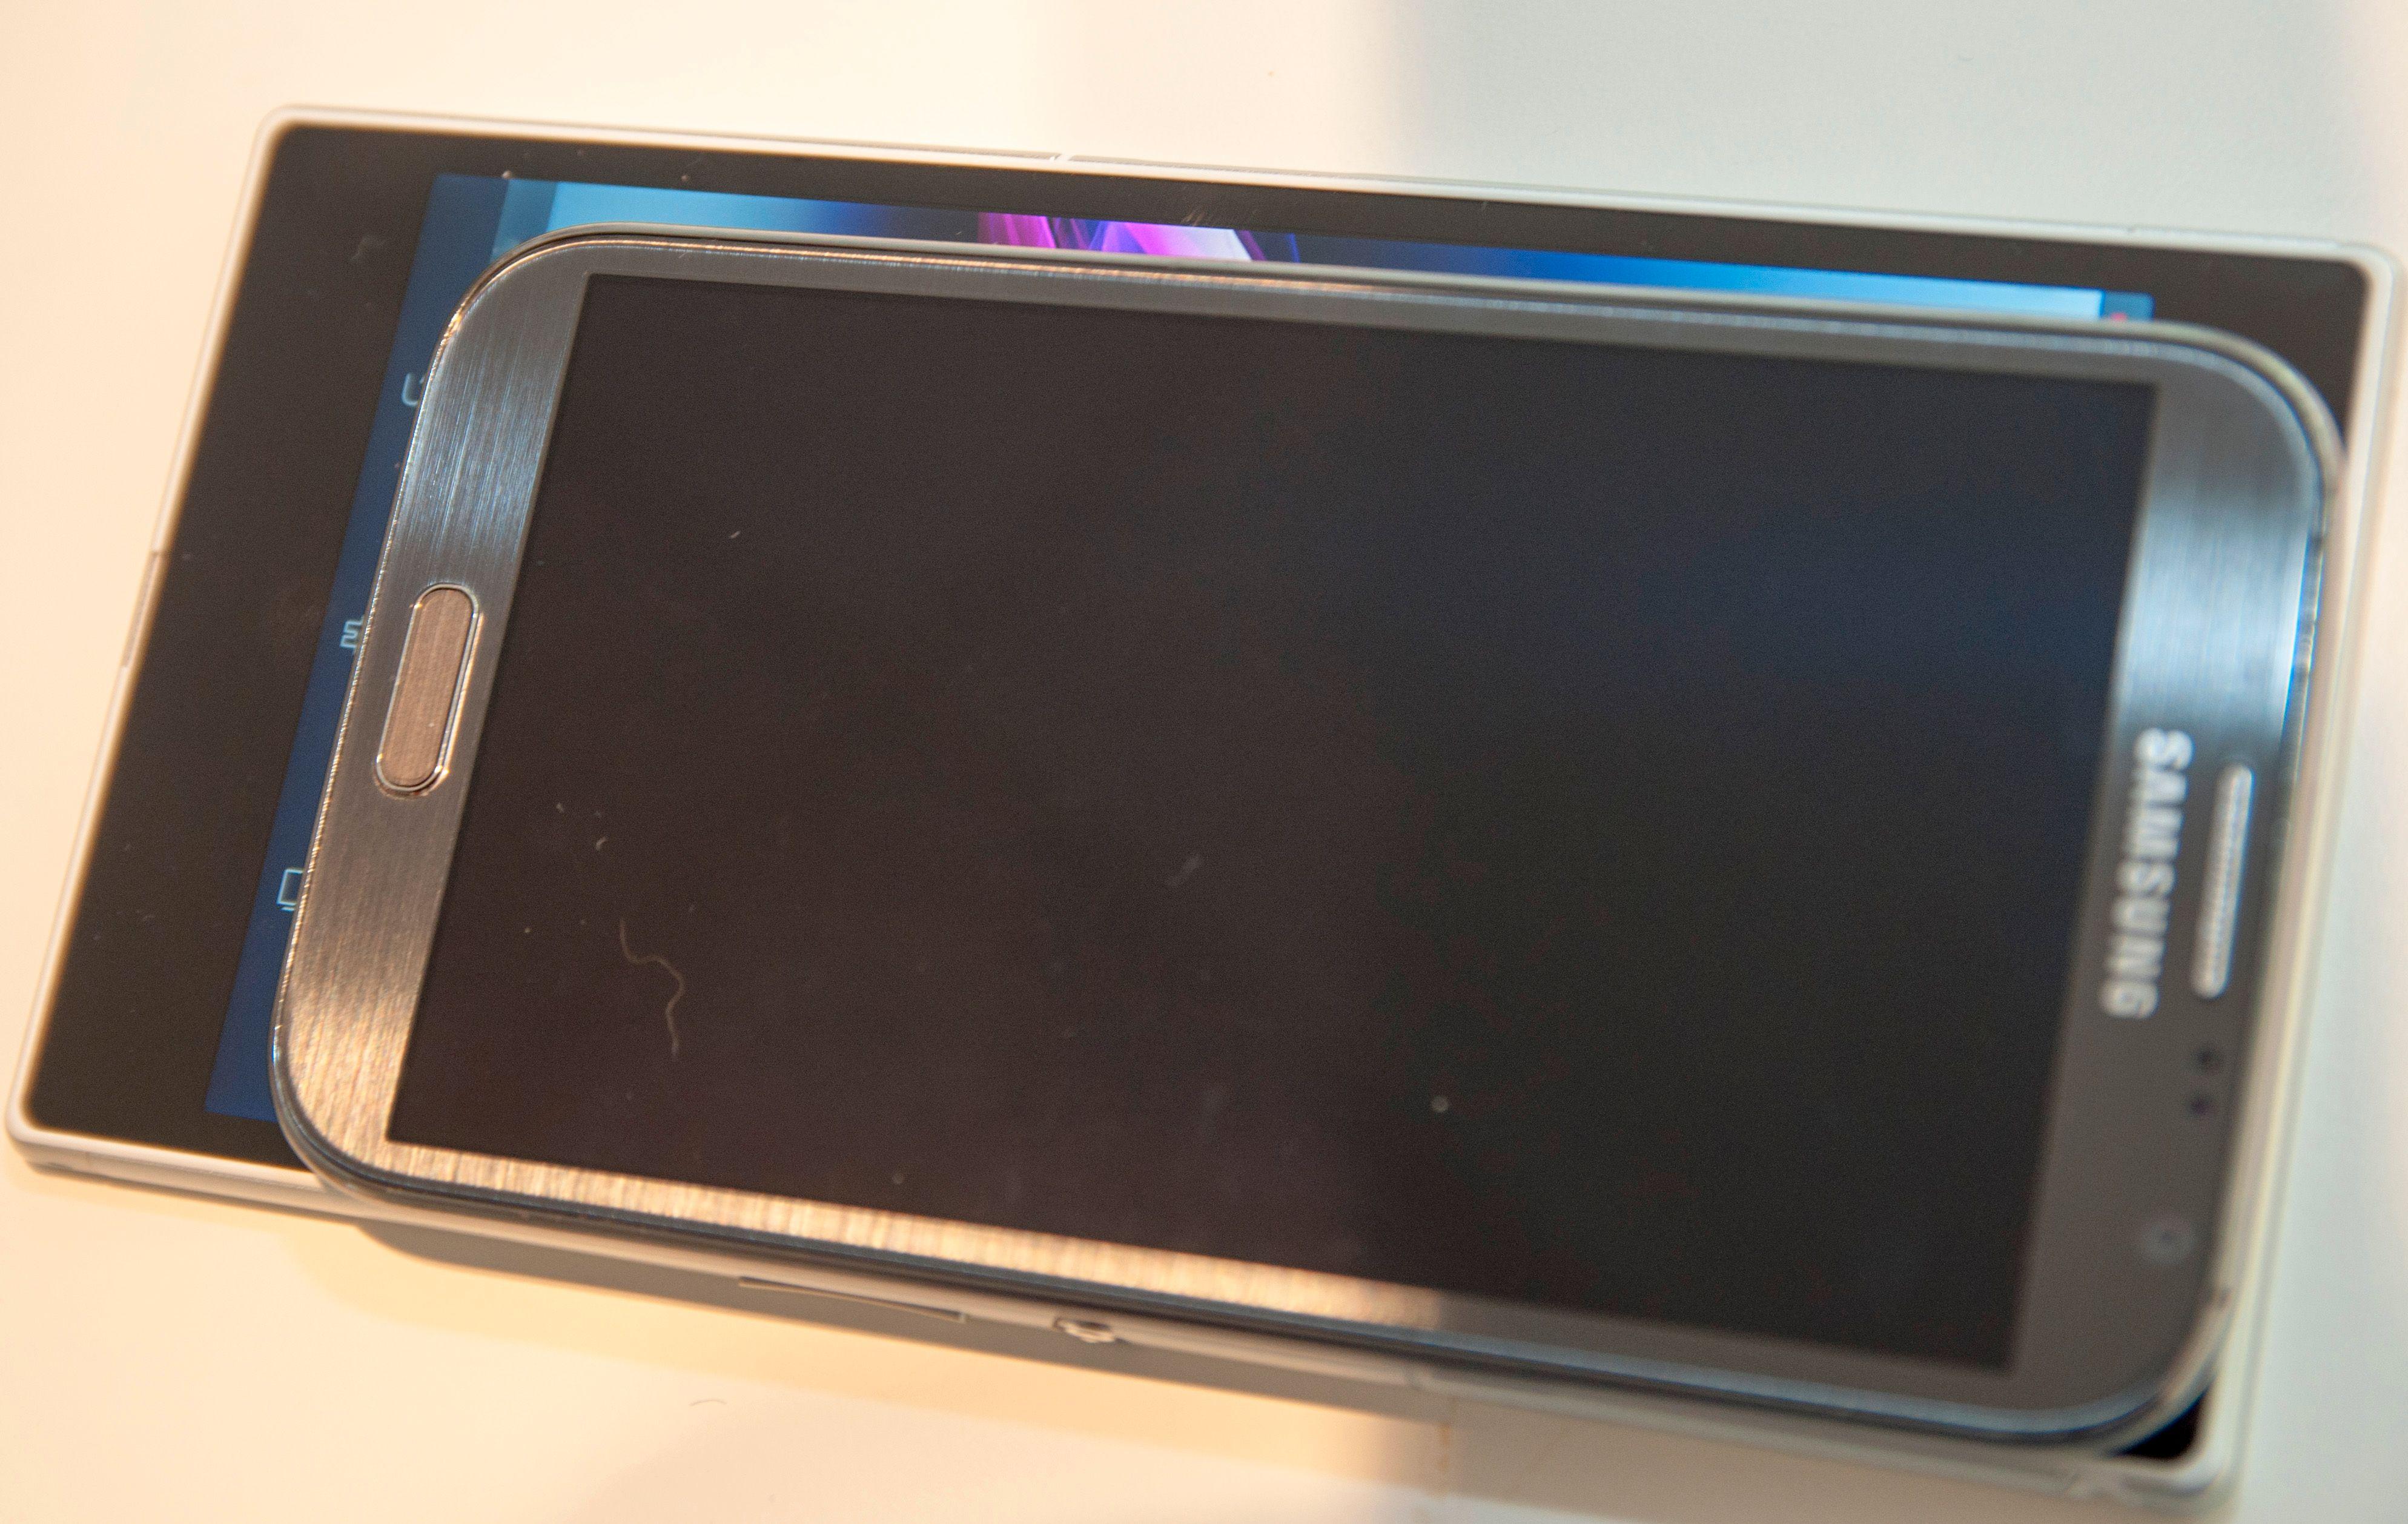 Trodde du Galaxy Note II hadde stor skjerm?